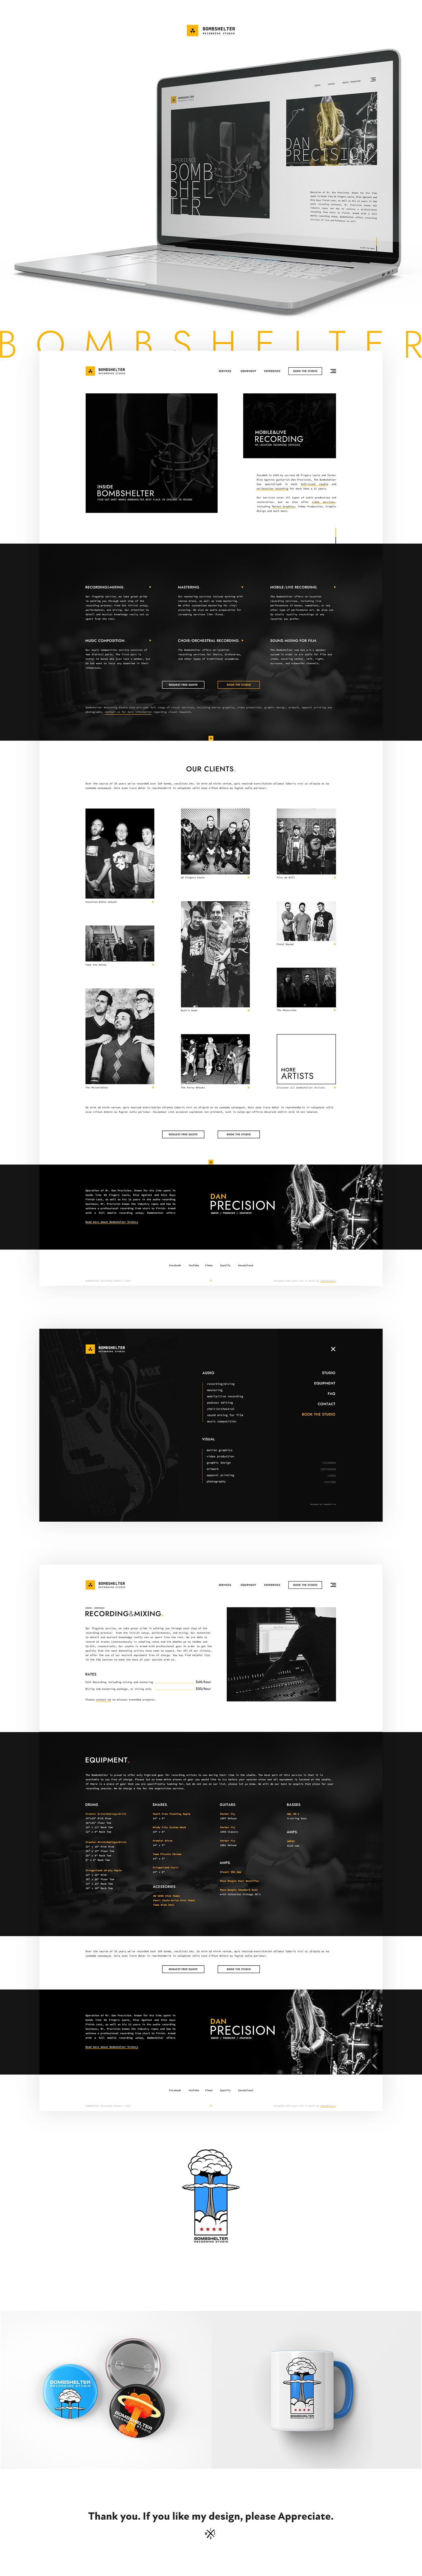 Bombshelter Recording Studio - Website design